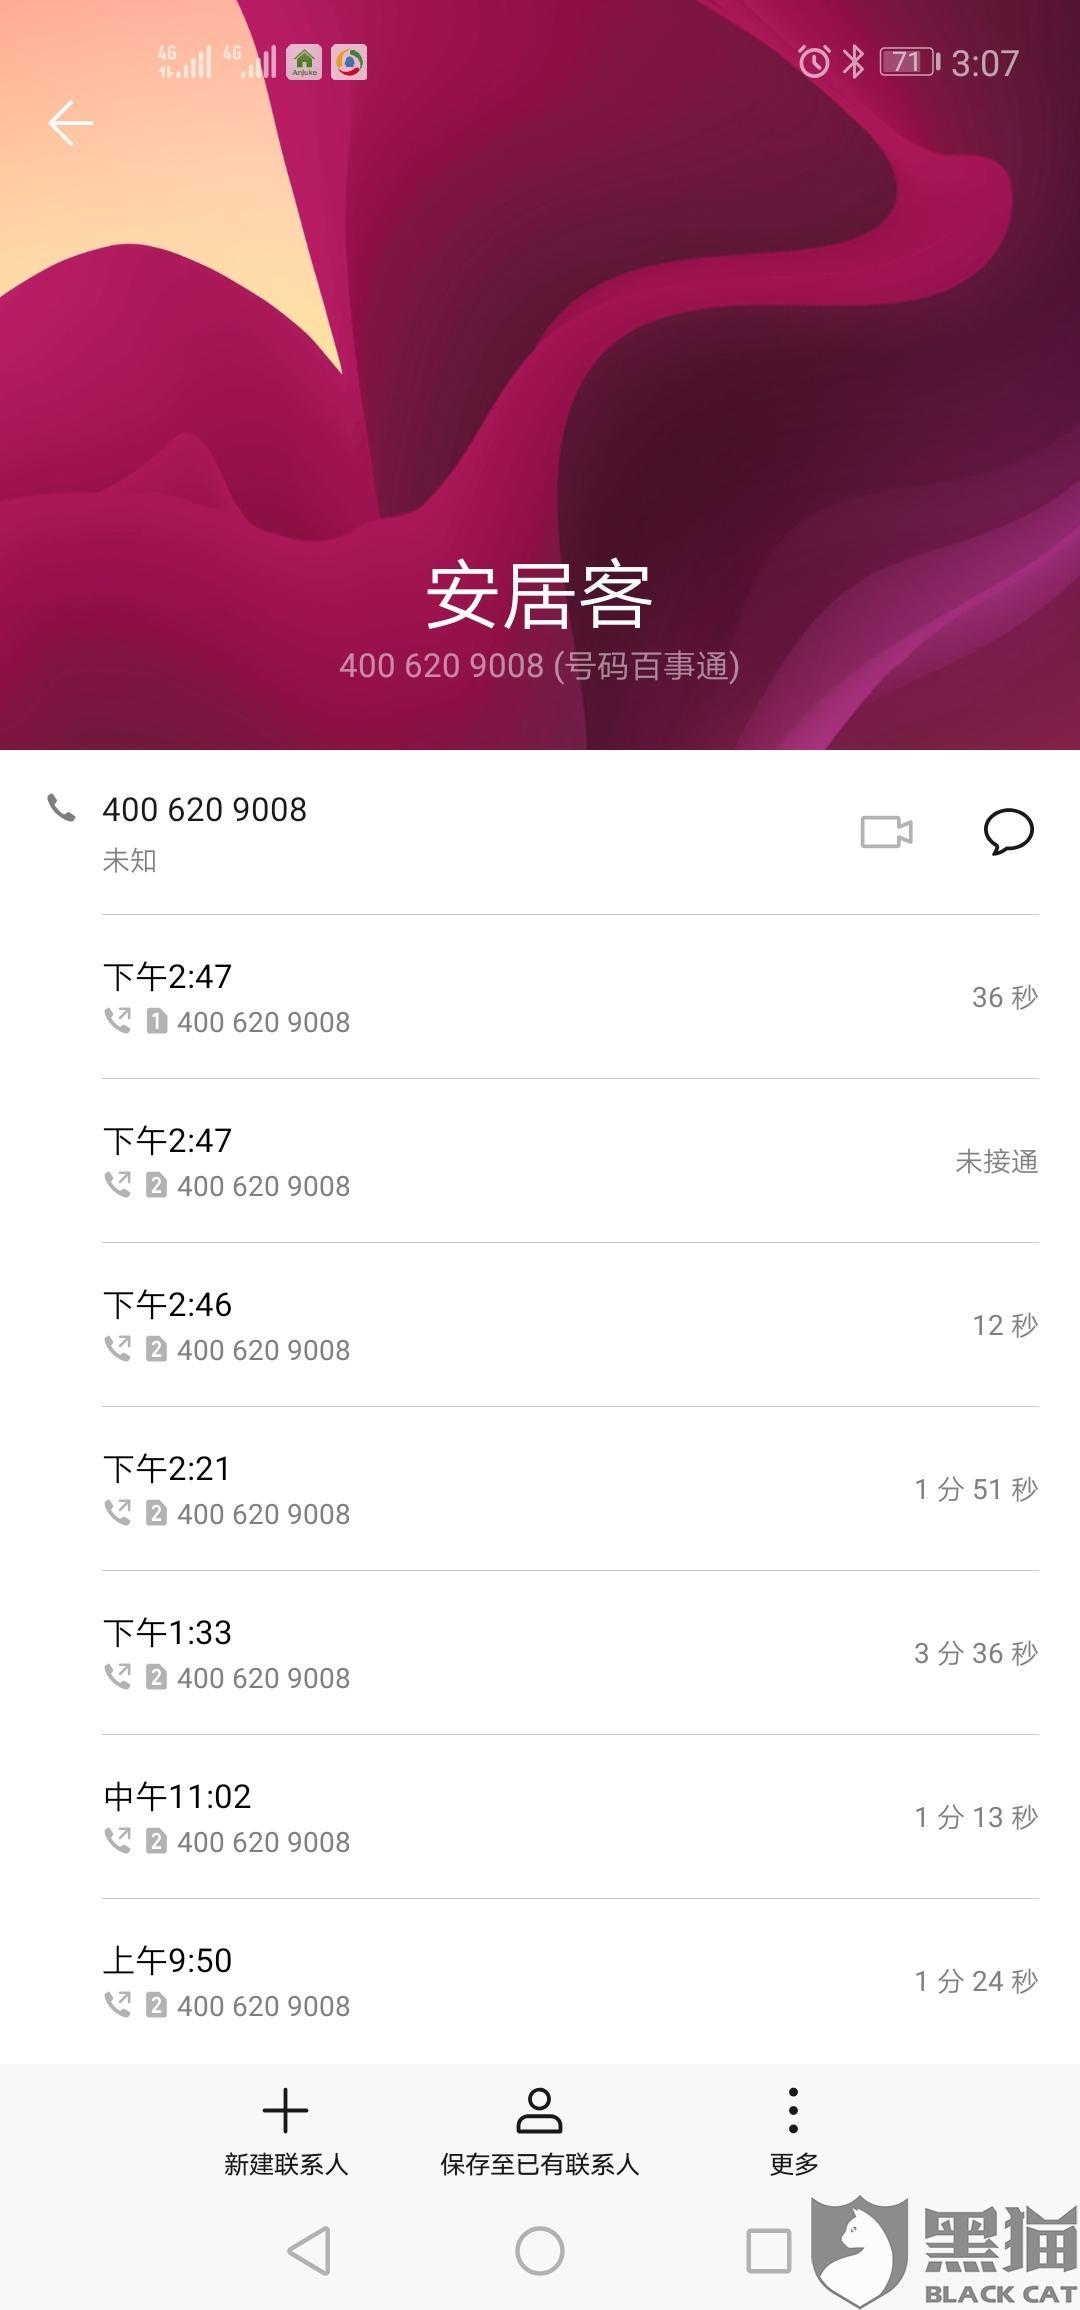 黑猫投诉:保证金不退 58集团_新浪新闻